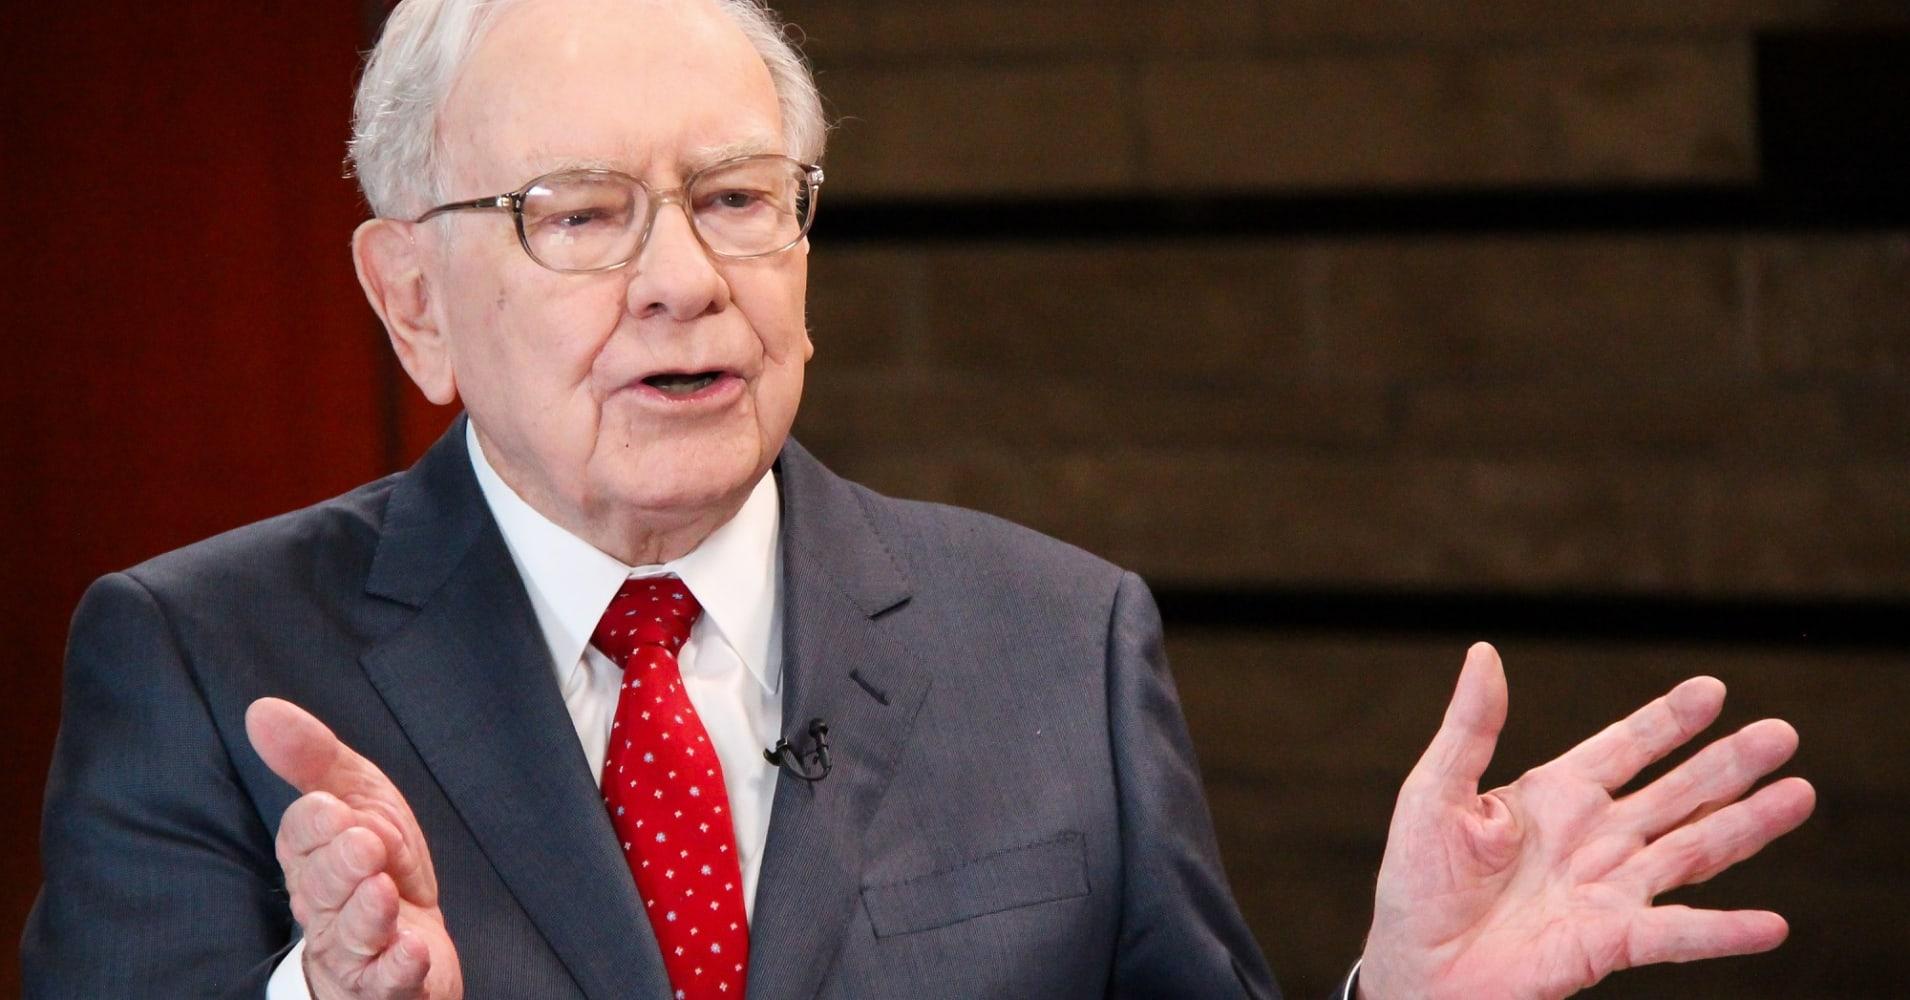 Tỷ phú Warren Buffett với 5 nguyên tắc chọn người kiếm tiền và mang tiền về cho mình